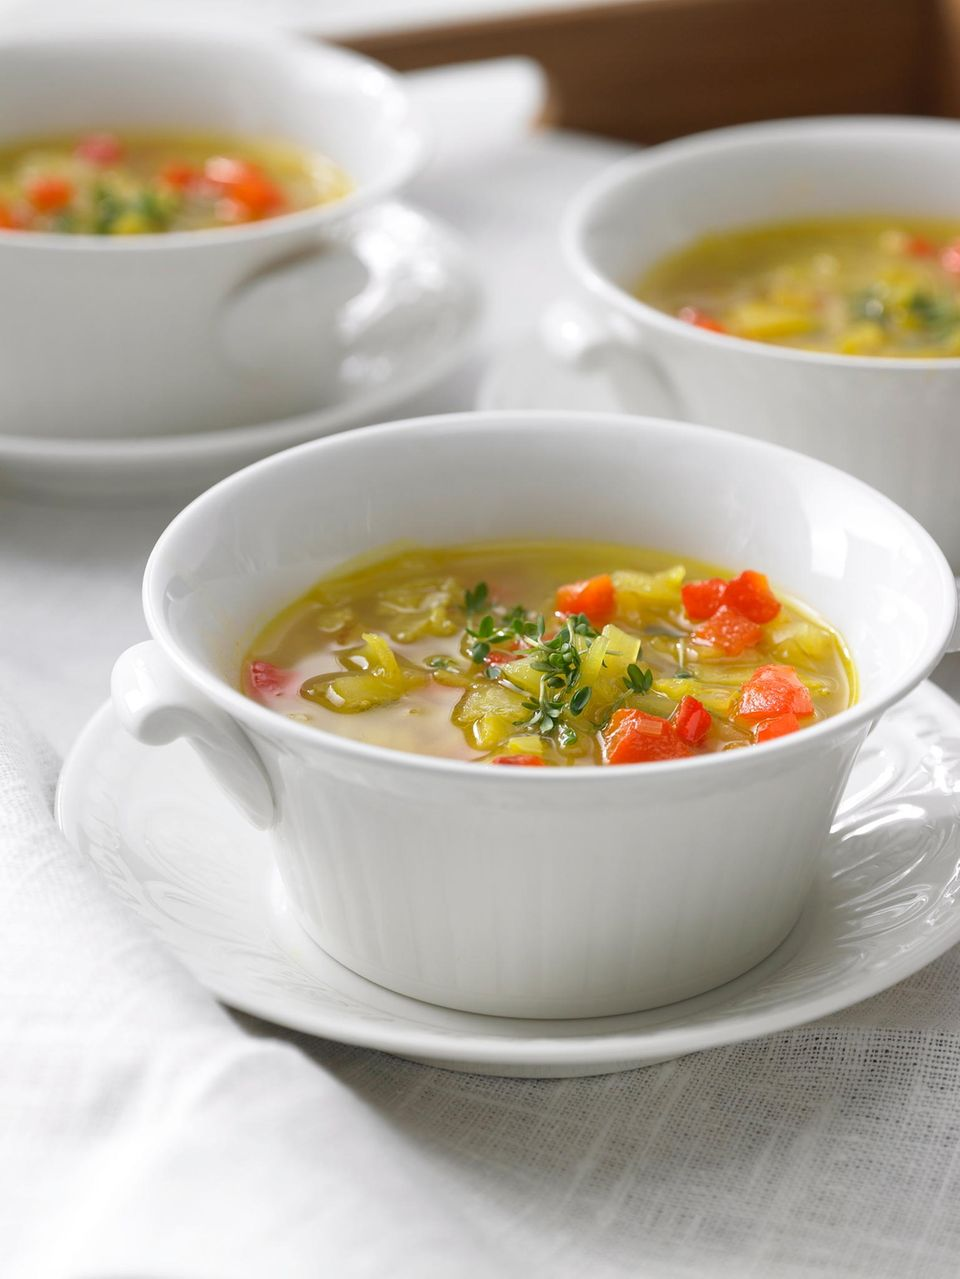 Kohlsuppe: Suppe in weißer Suppenschüssel